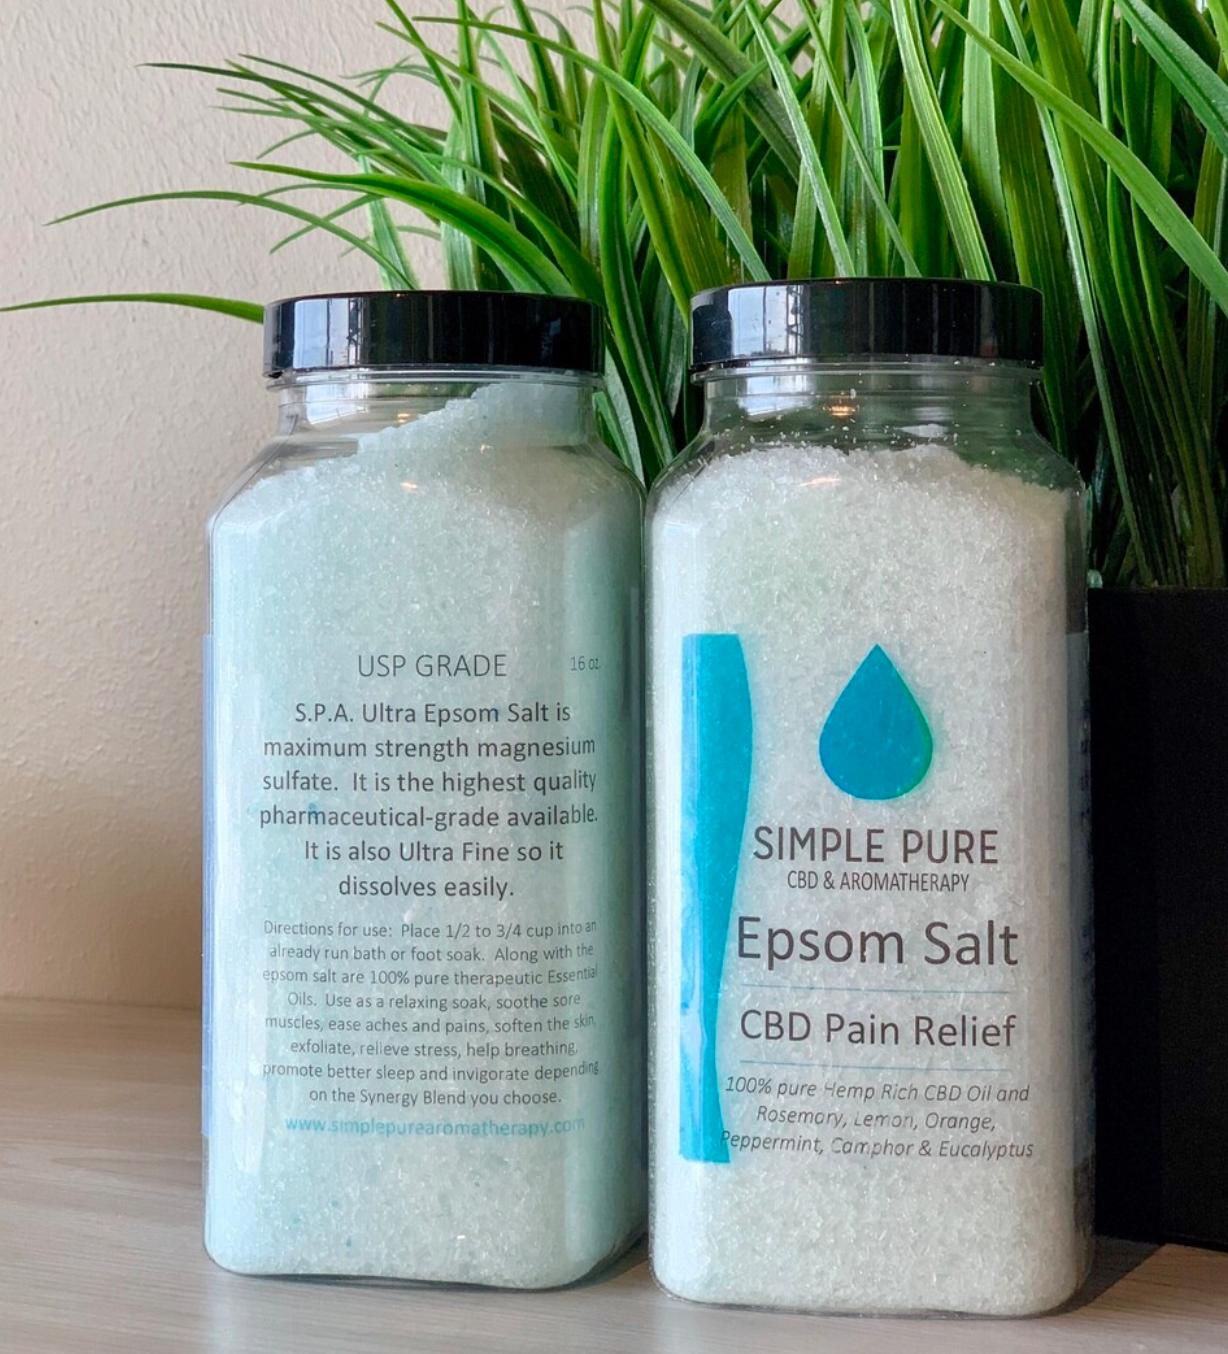 CBD Epsom Salt